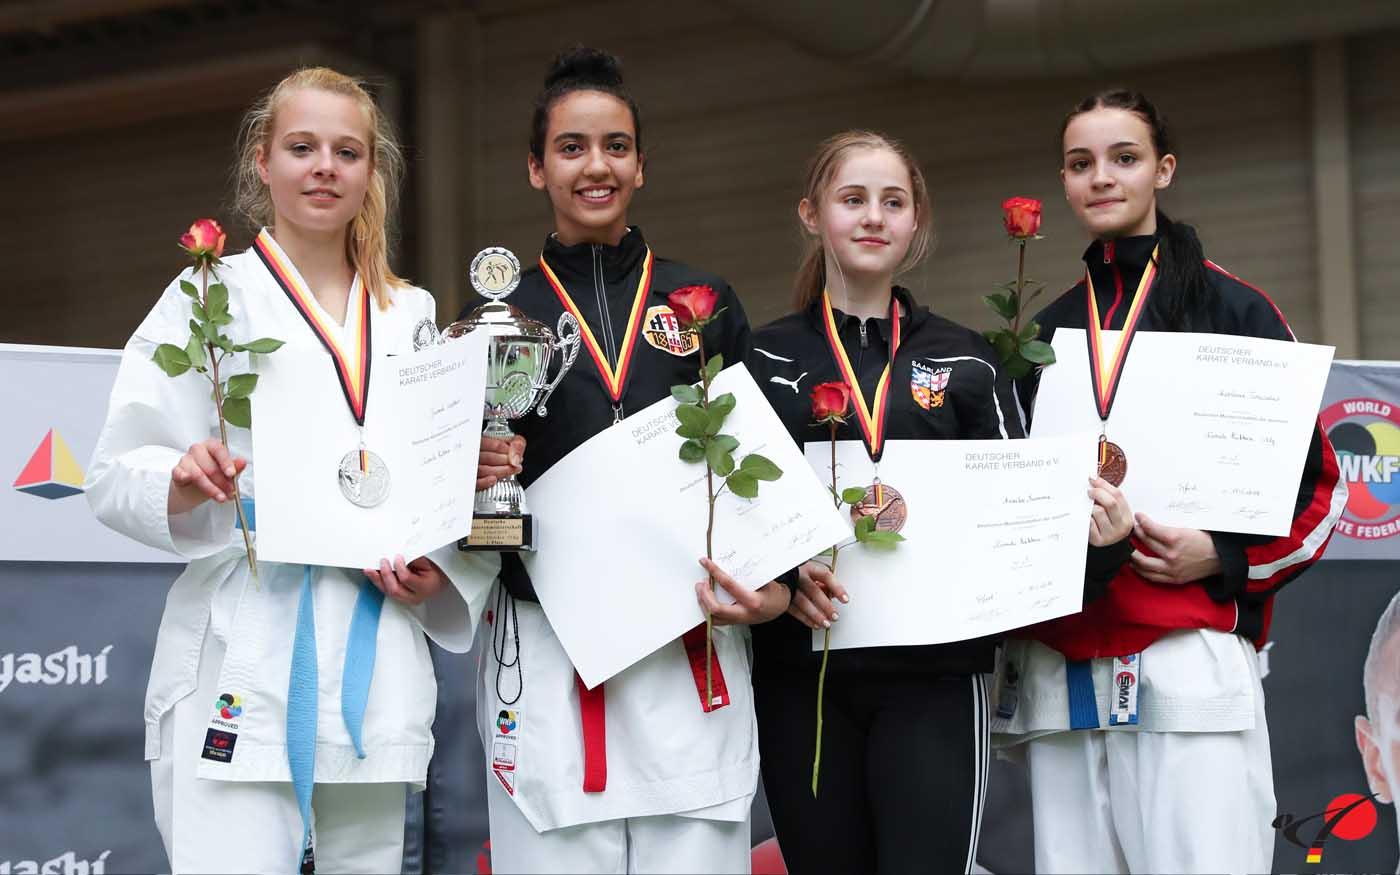 Das Meister-Team mit Urkunden und Medaillen